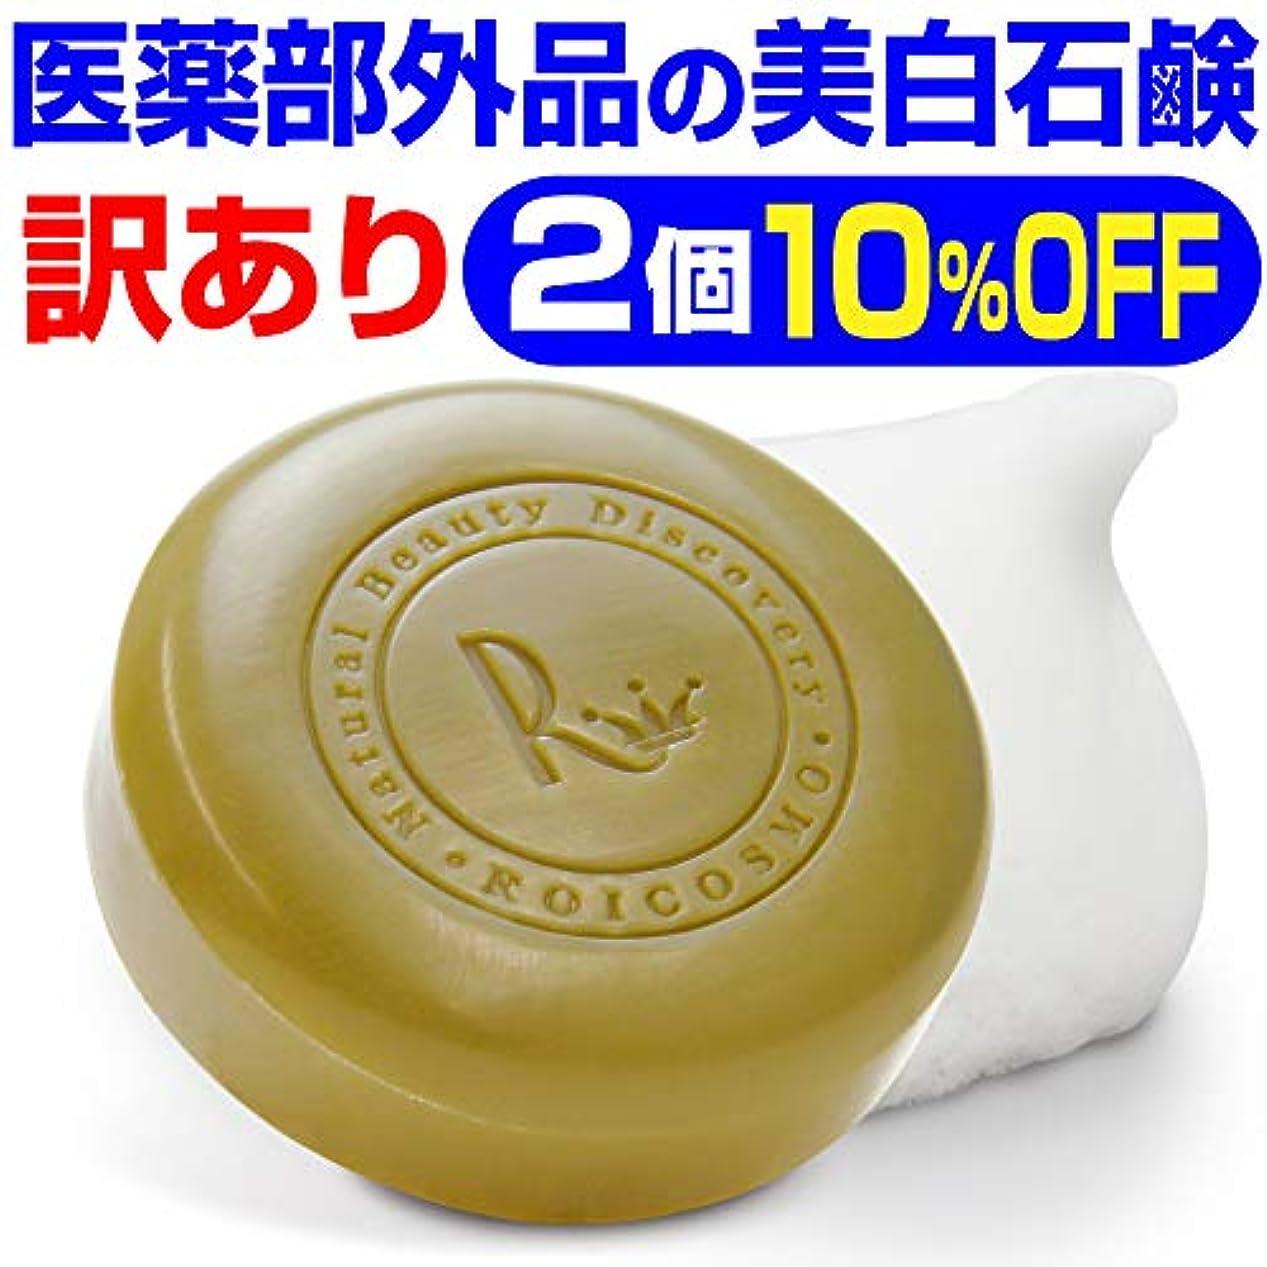 比喩排除する検出器訳あり10%OFF(1個2,143円)売切れ御免 ビタミンC270倍の美白成分の 洗顔石鹸『ホワイトソープ100g×2個』